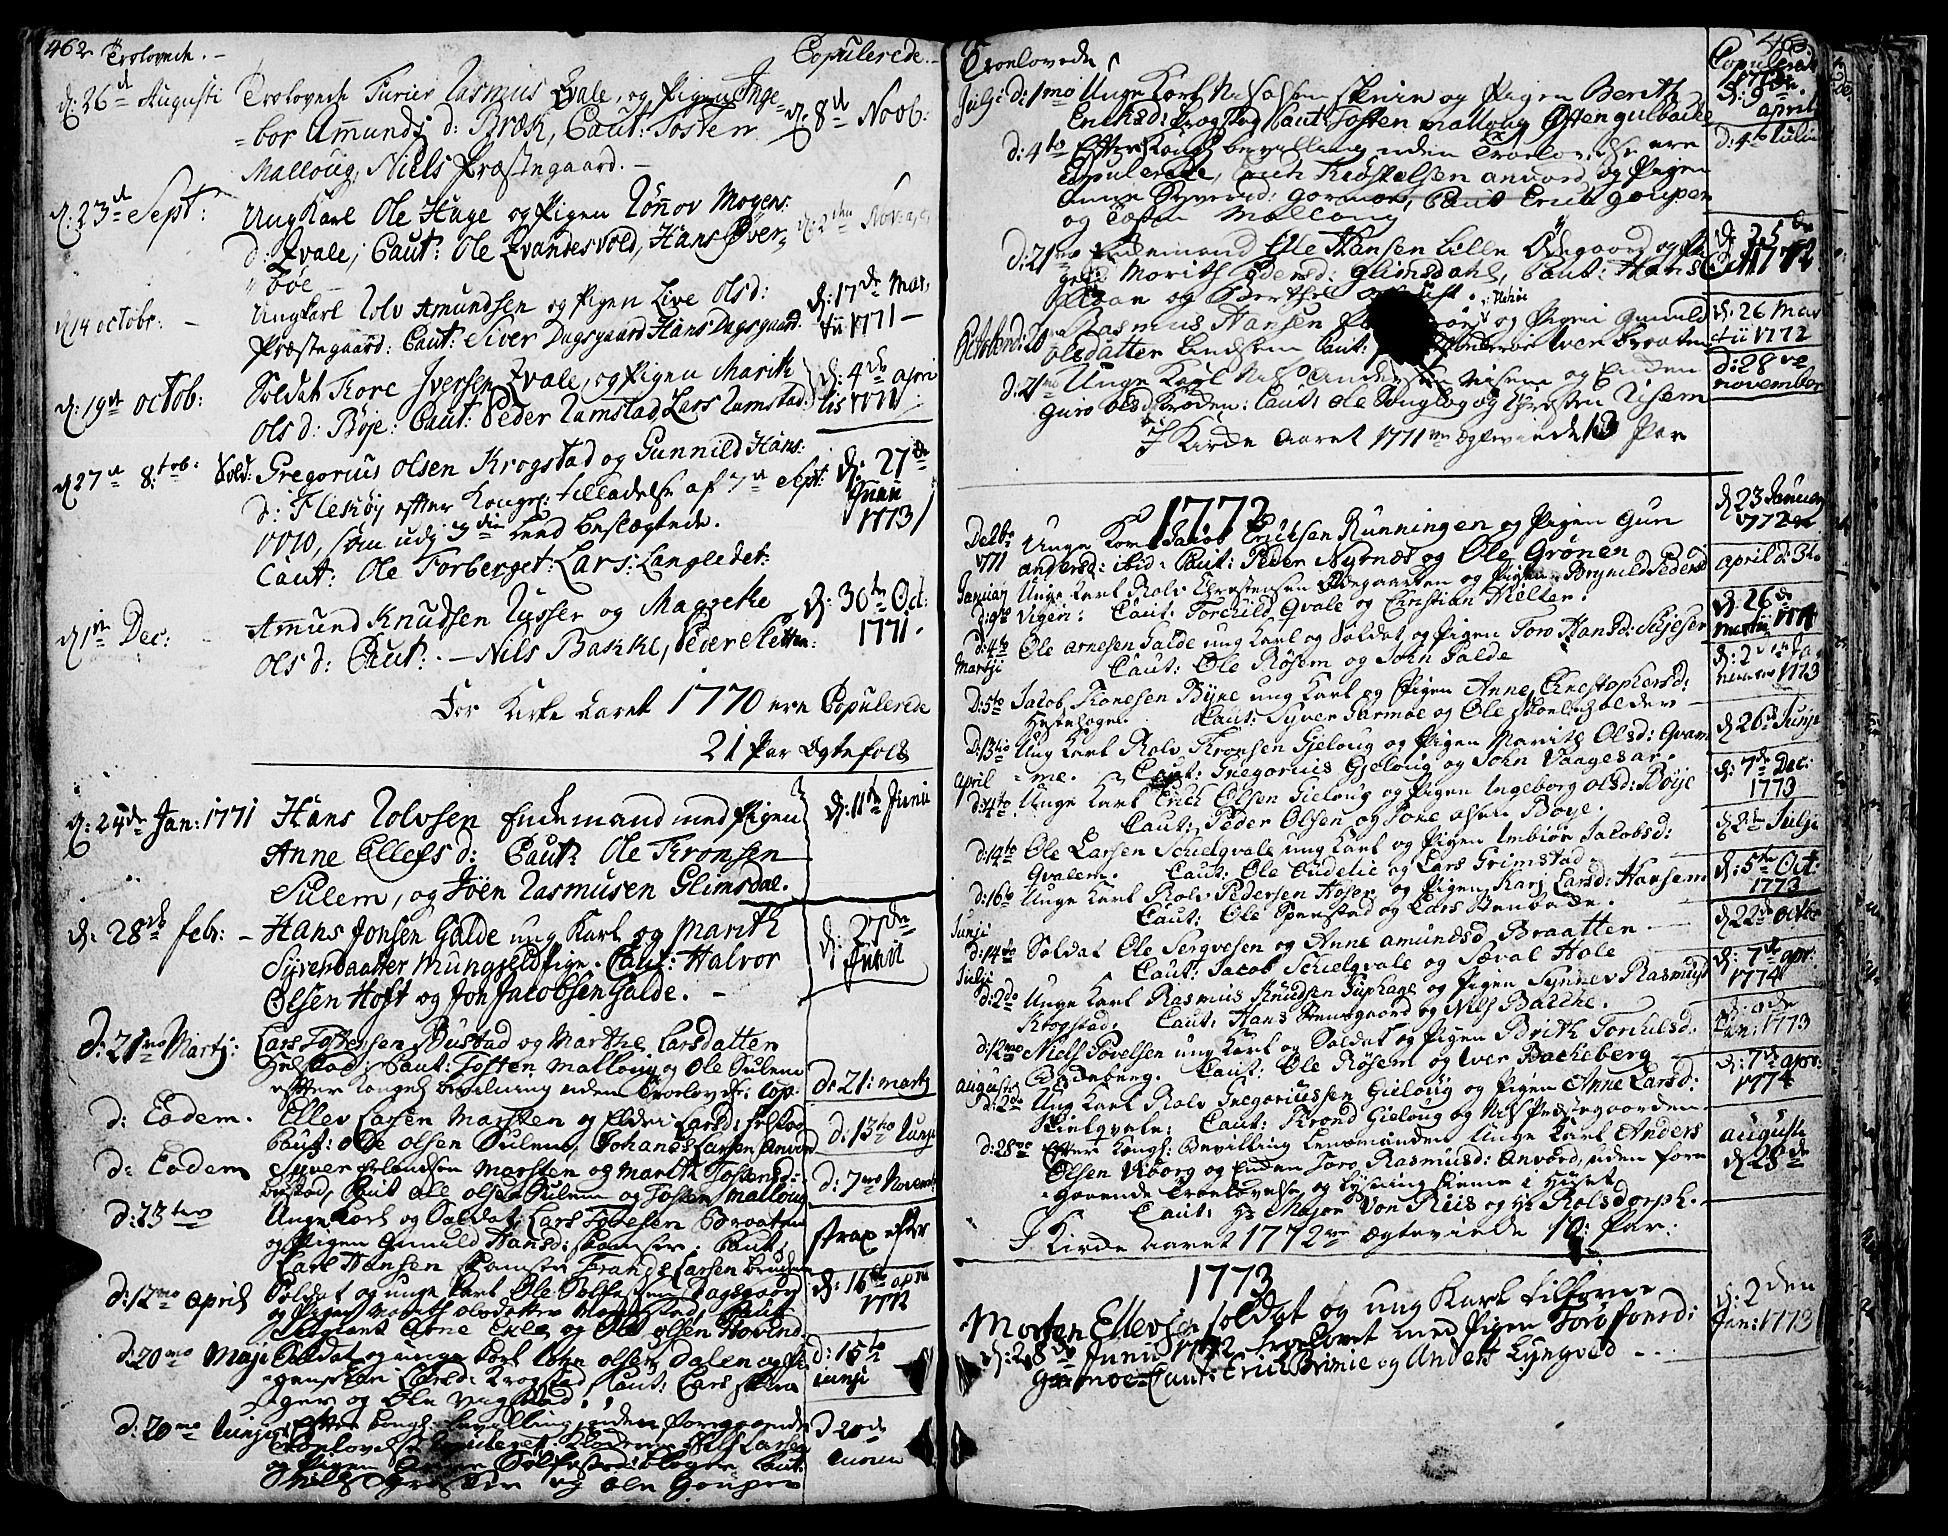 SAH, Lom prestekontor, K/L0002: Ministerialbok nr. 2, 1749-1801, s. 462-463